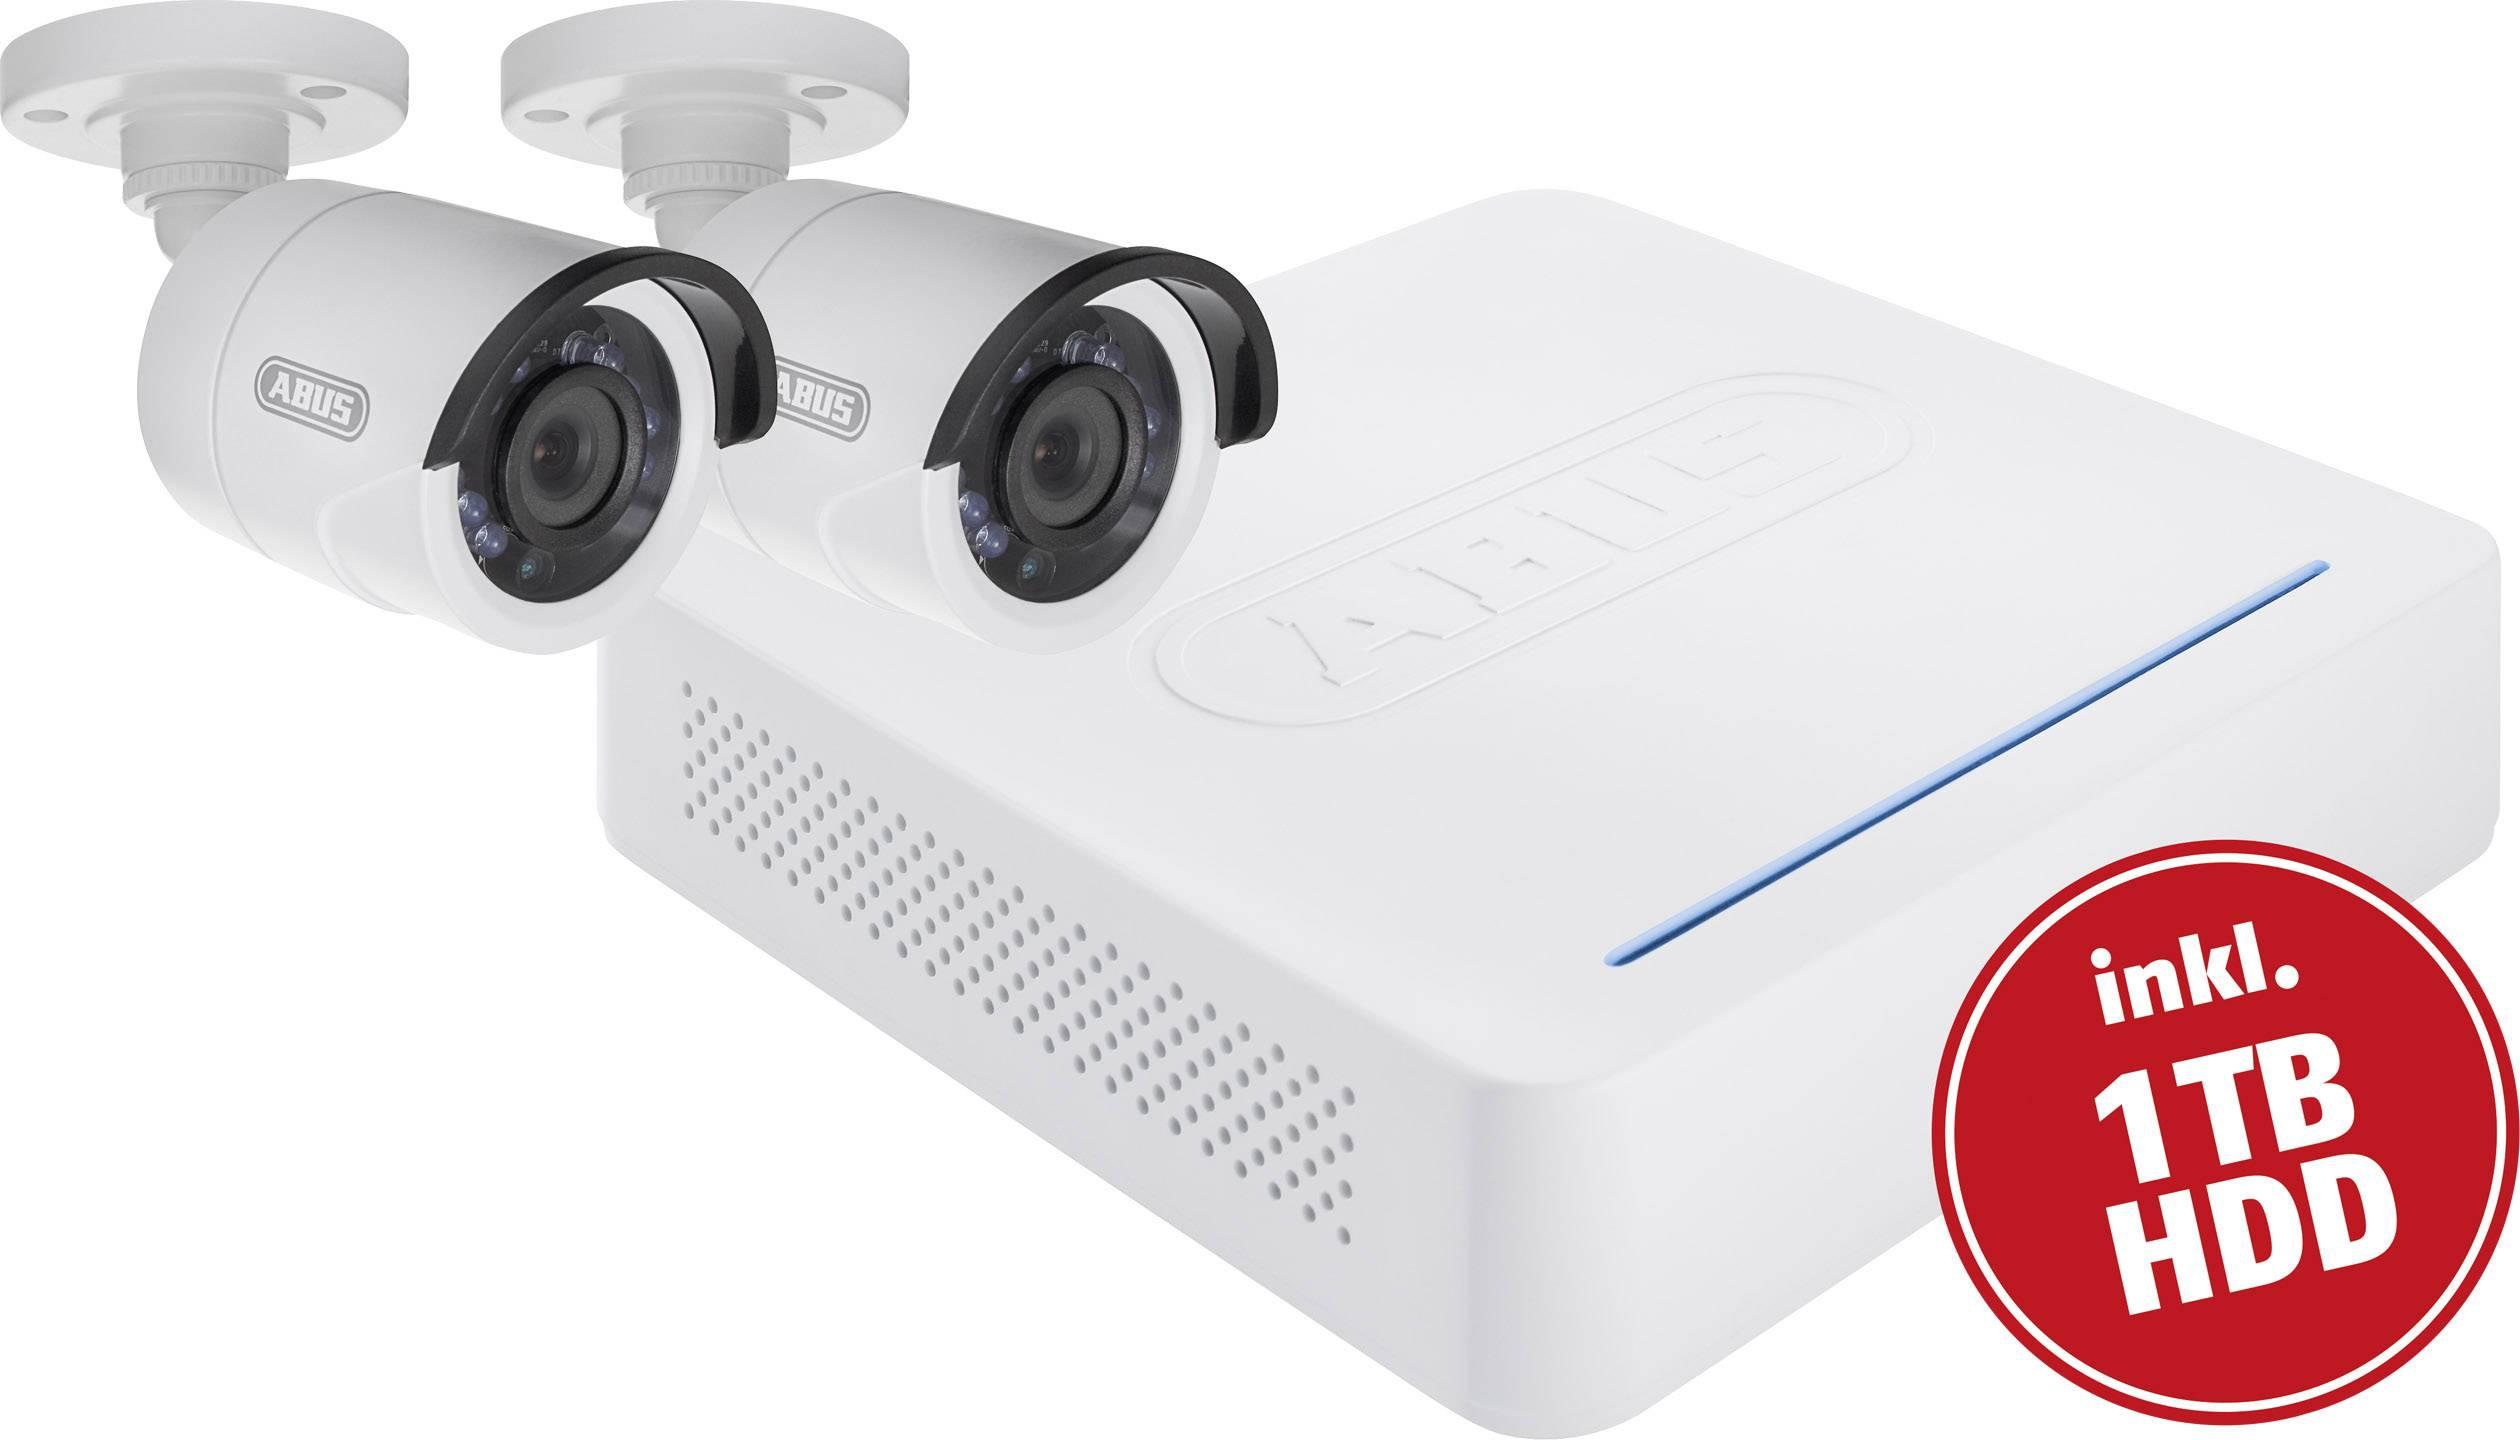 Sada bezpečnostnej kamery DVR+ 2 kamery ABUS TVVR33204 1 TB